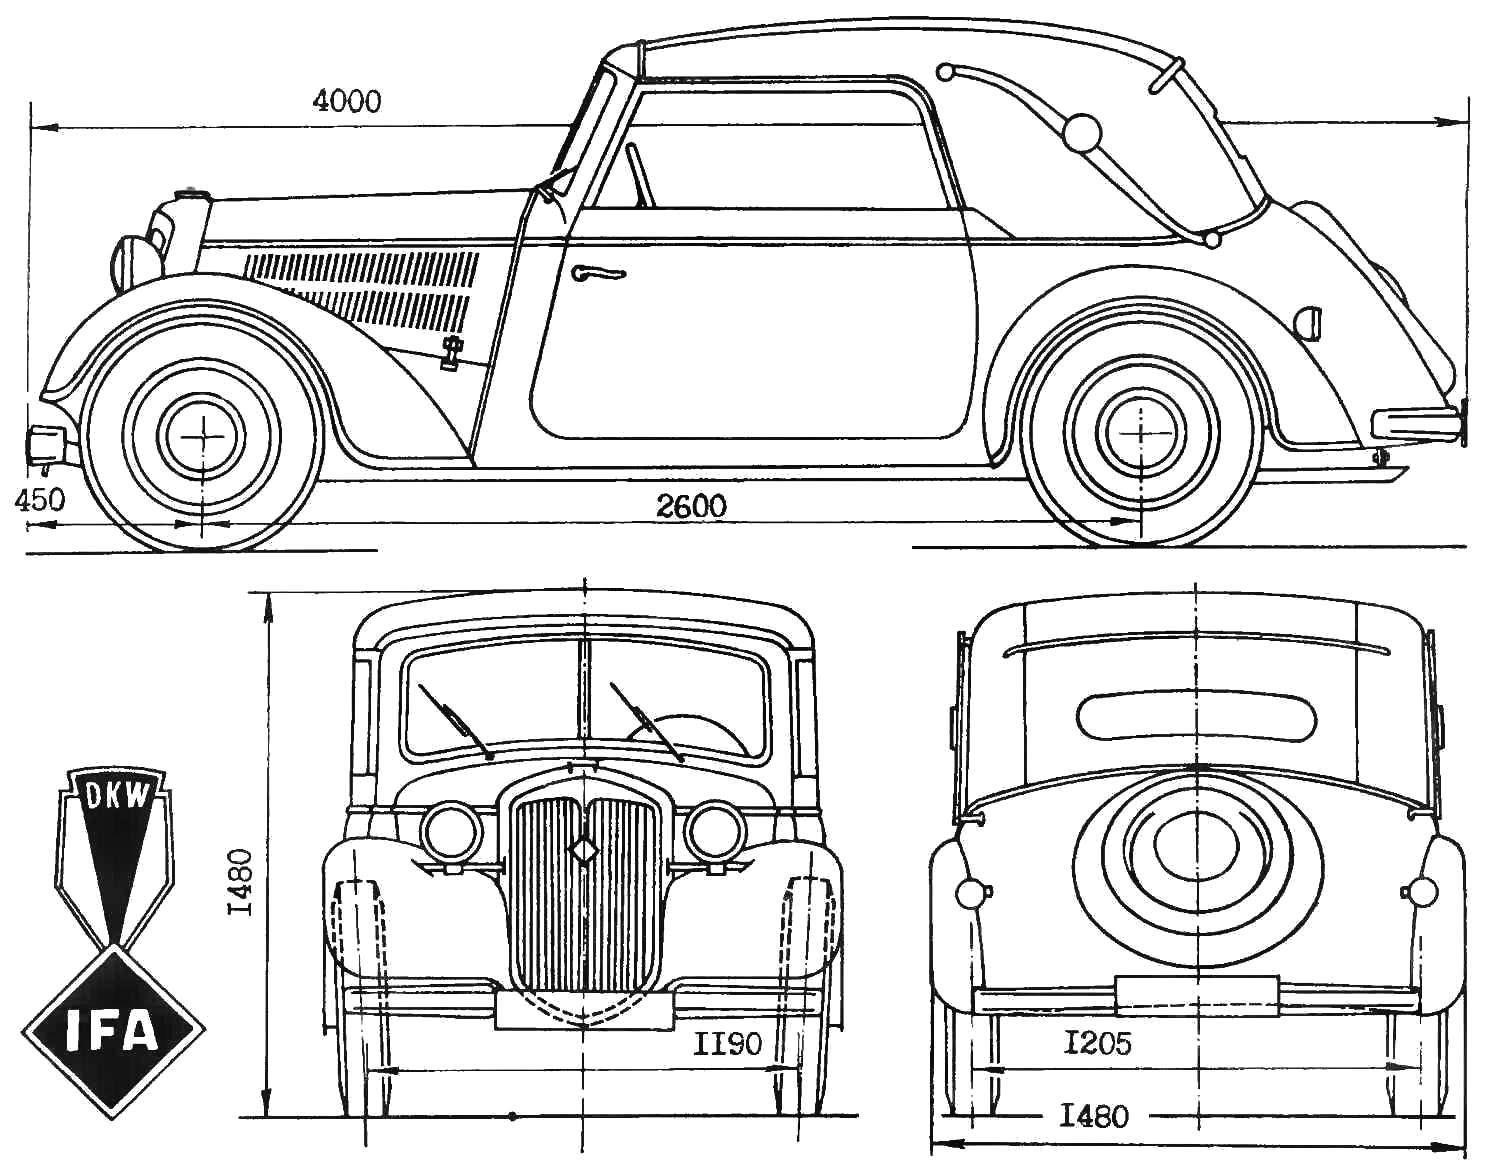 Автомобиль ИФА-ДКВ-Ф8